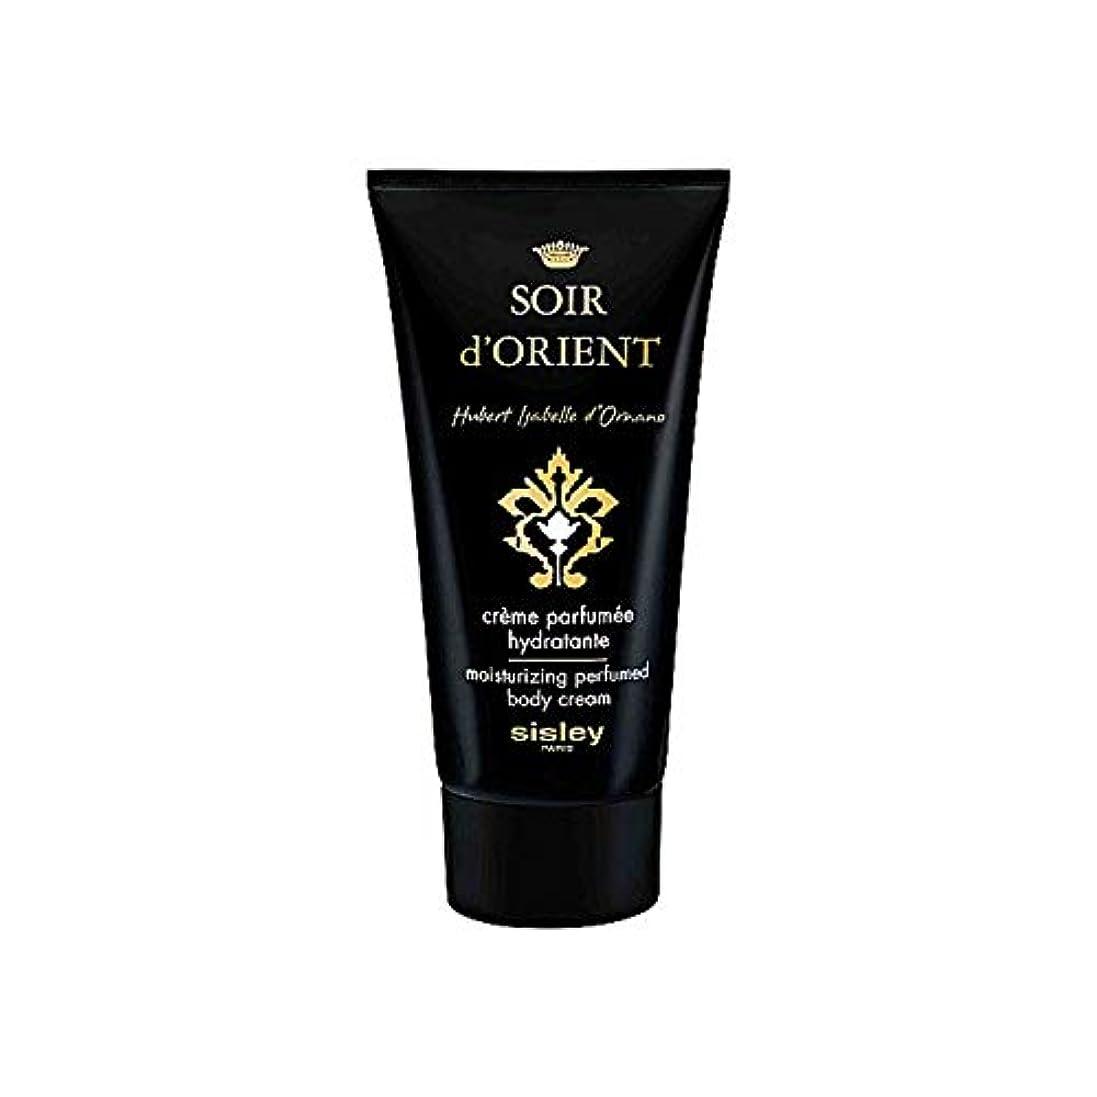 ドル嫌な概して[Sisley ] シスレーソワールドールのオリエント香りのボディクリーム150ミリリットル - Sisley Soir D'Orient Perfumed Body Cream 150ml [並行輸入品]